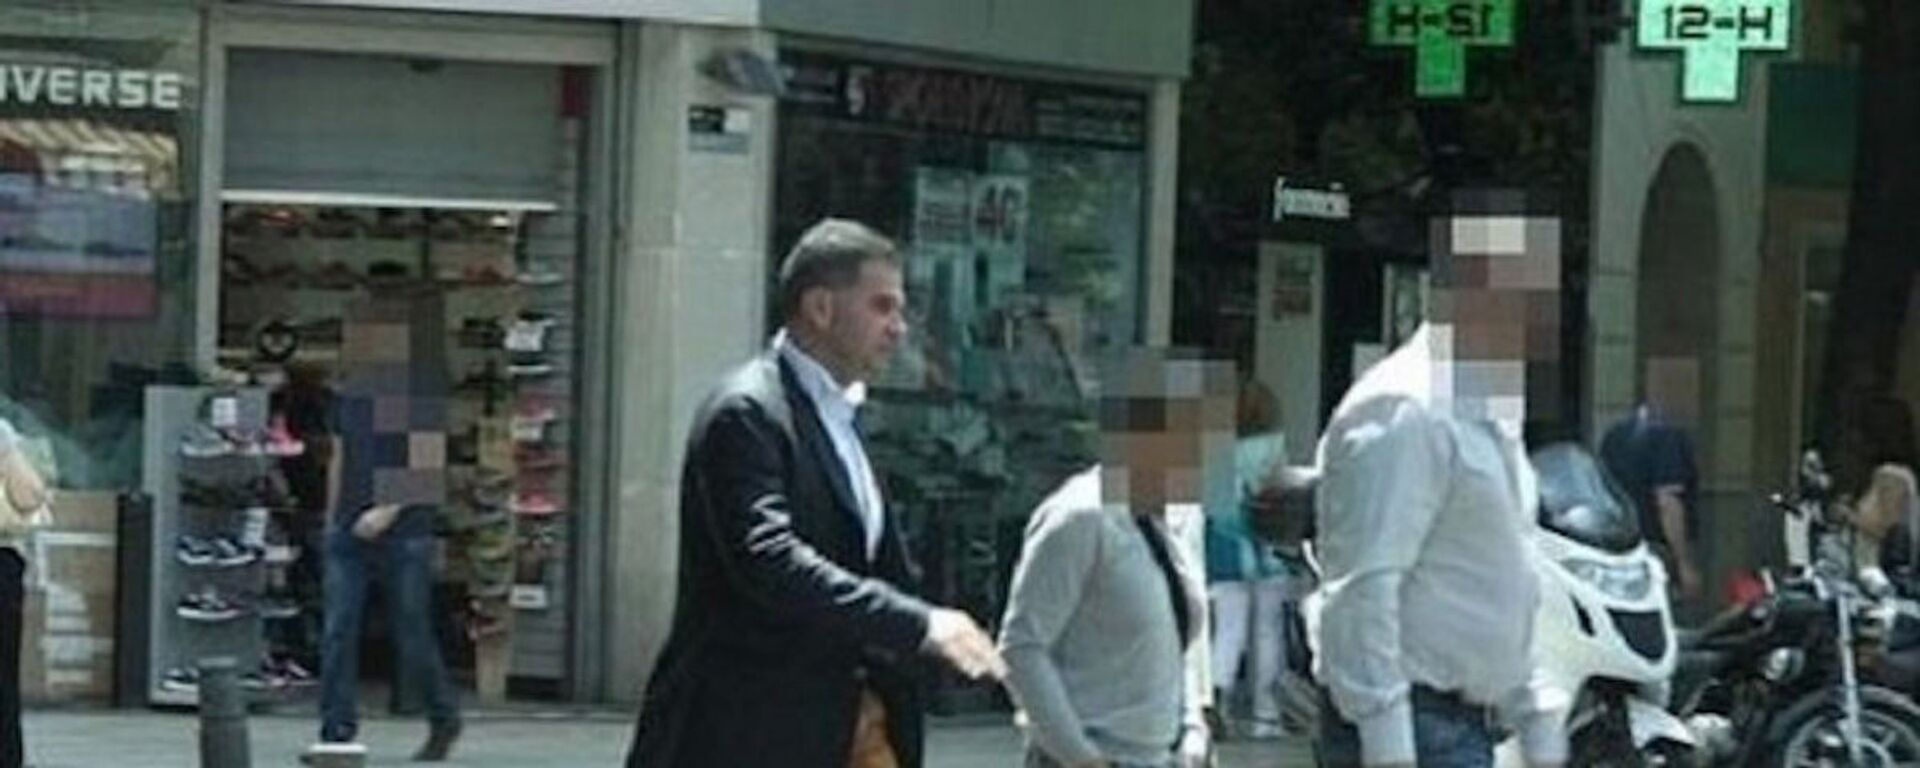 Raffaele Imperiale, criminale italiano appartenente alla Camorra - Sputnik Italia, 1920, 19.08.2021